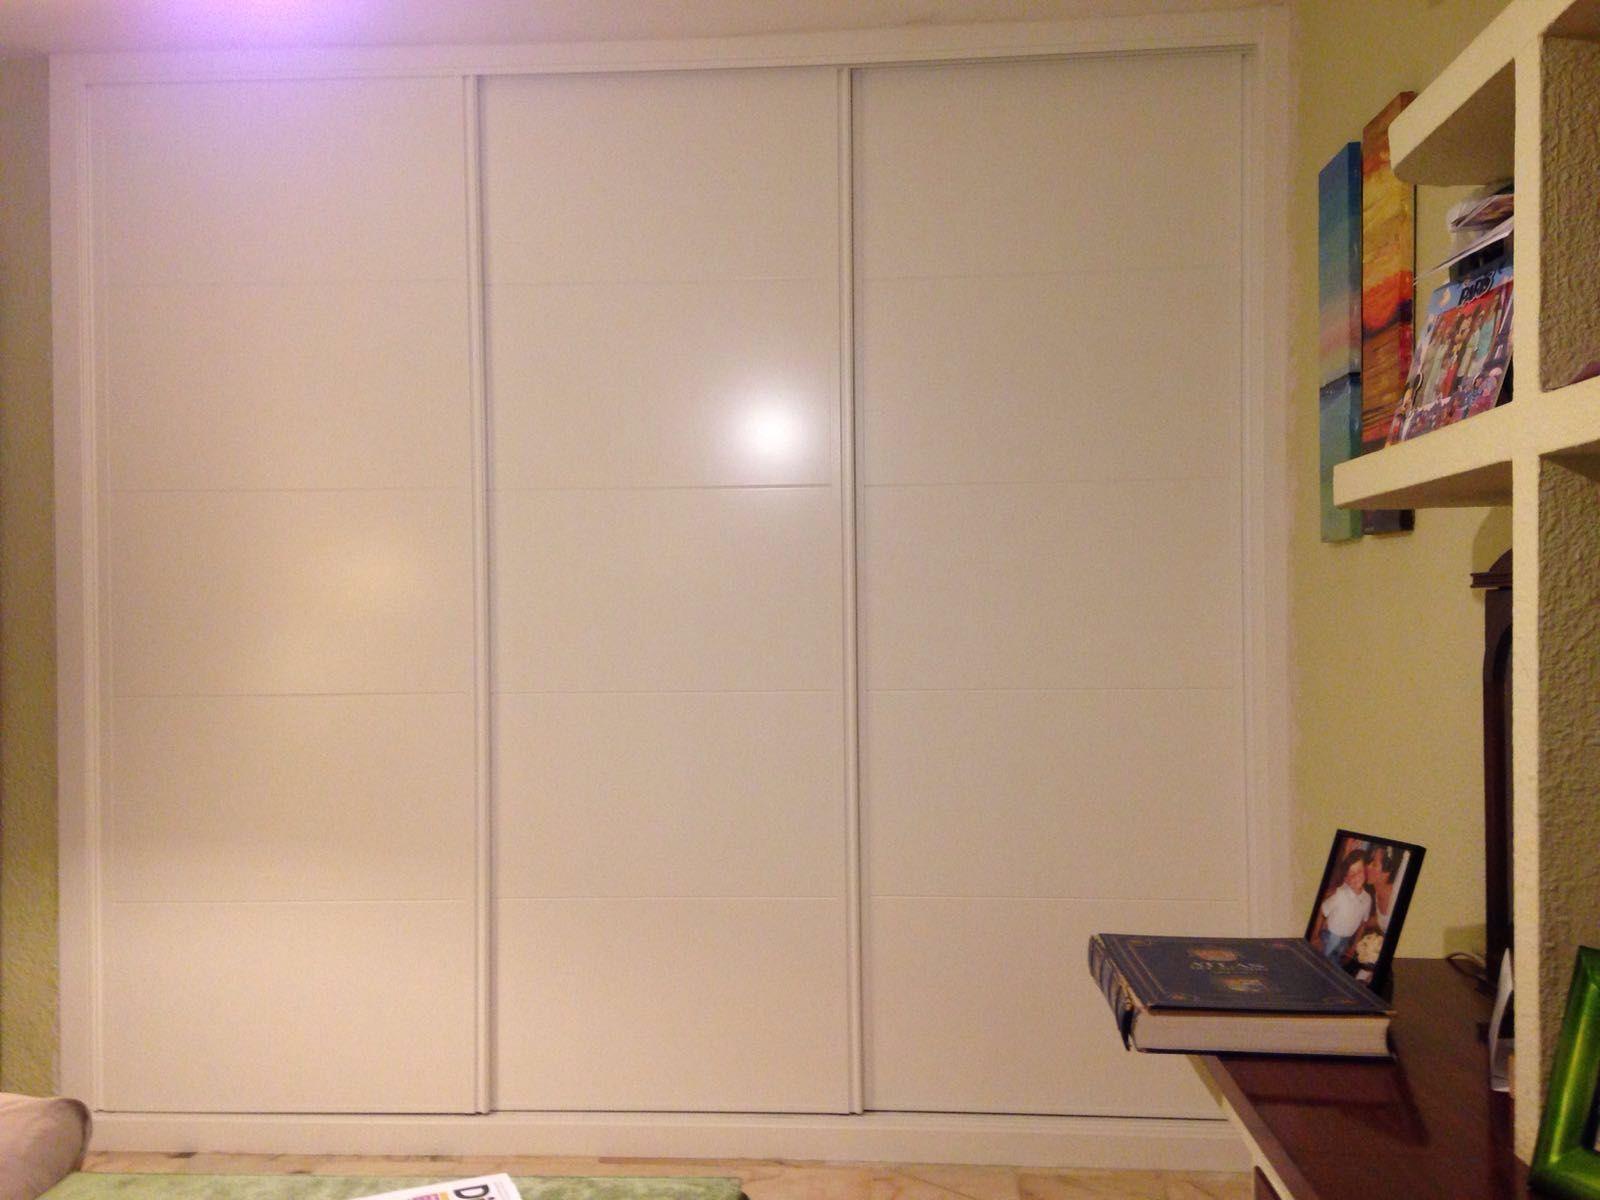 Frente de armario 3 hojas correderas lacado en blanco - Modelos de armarios ...